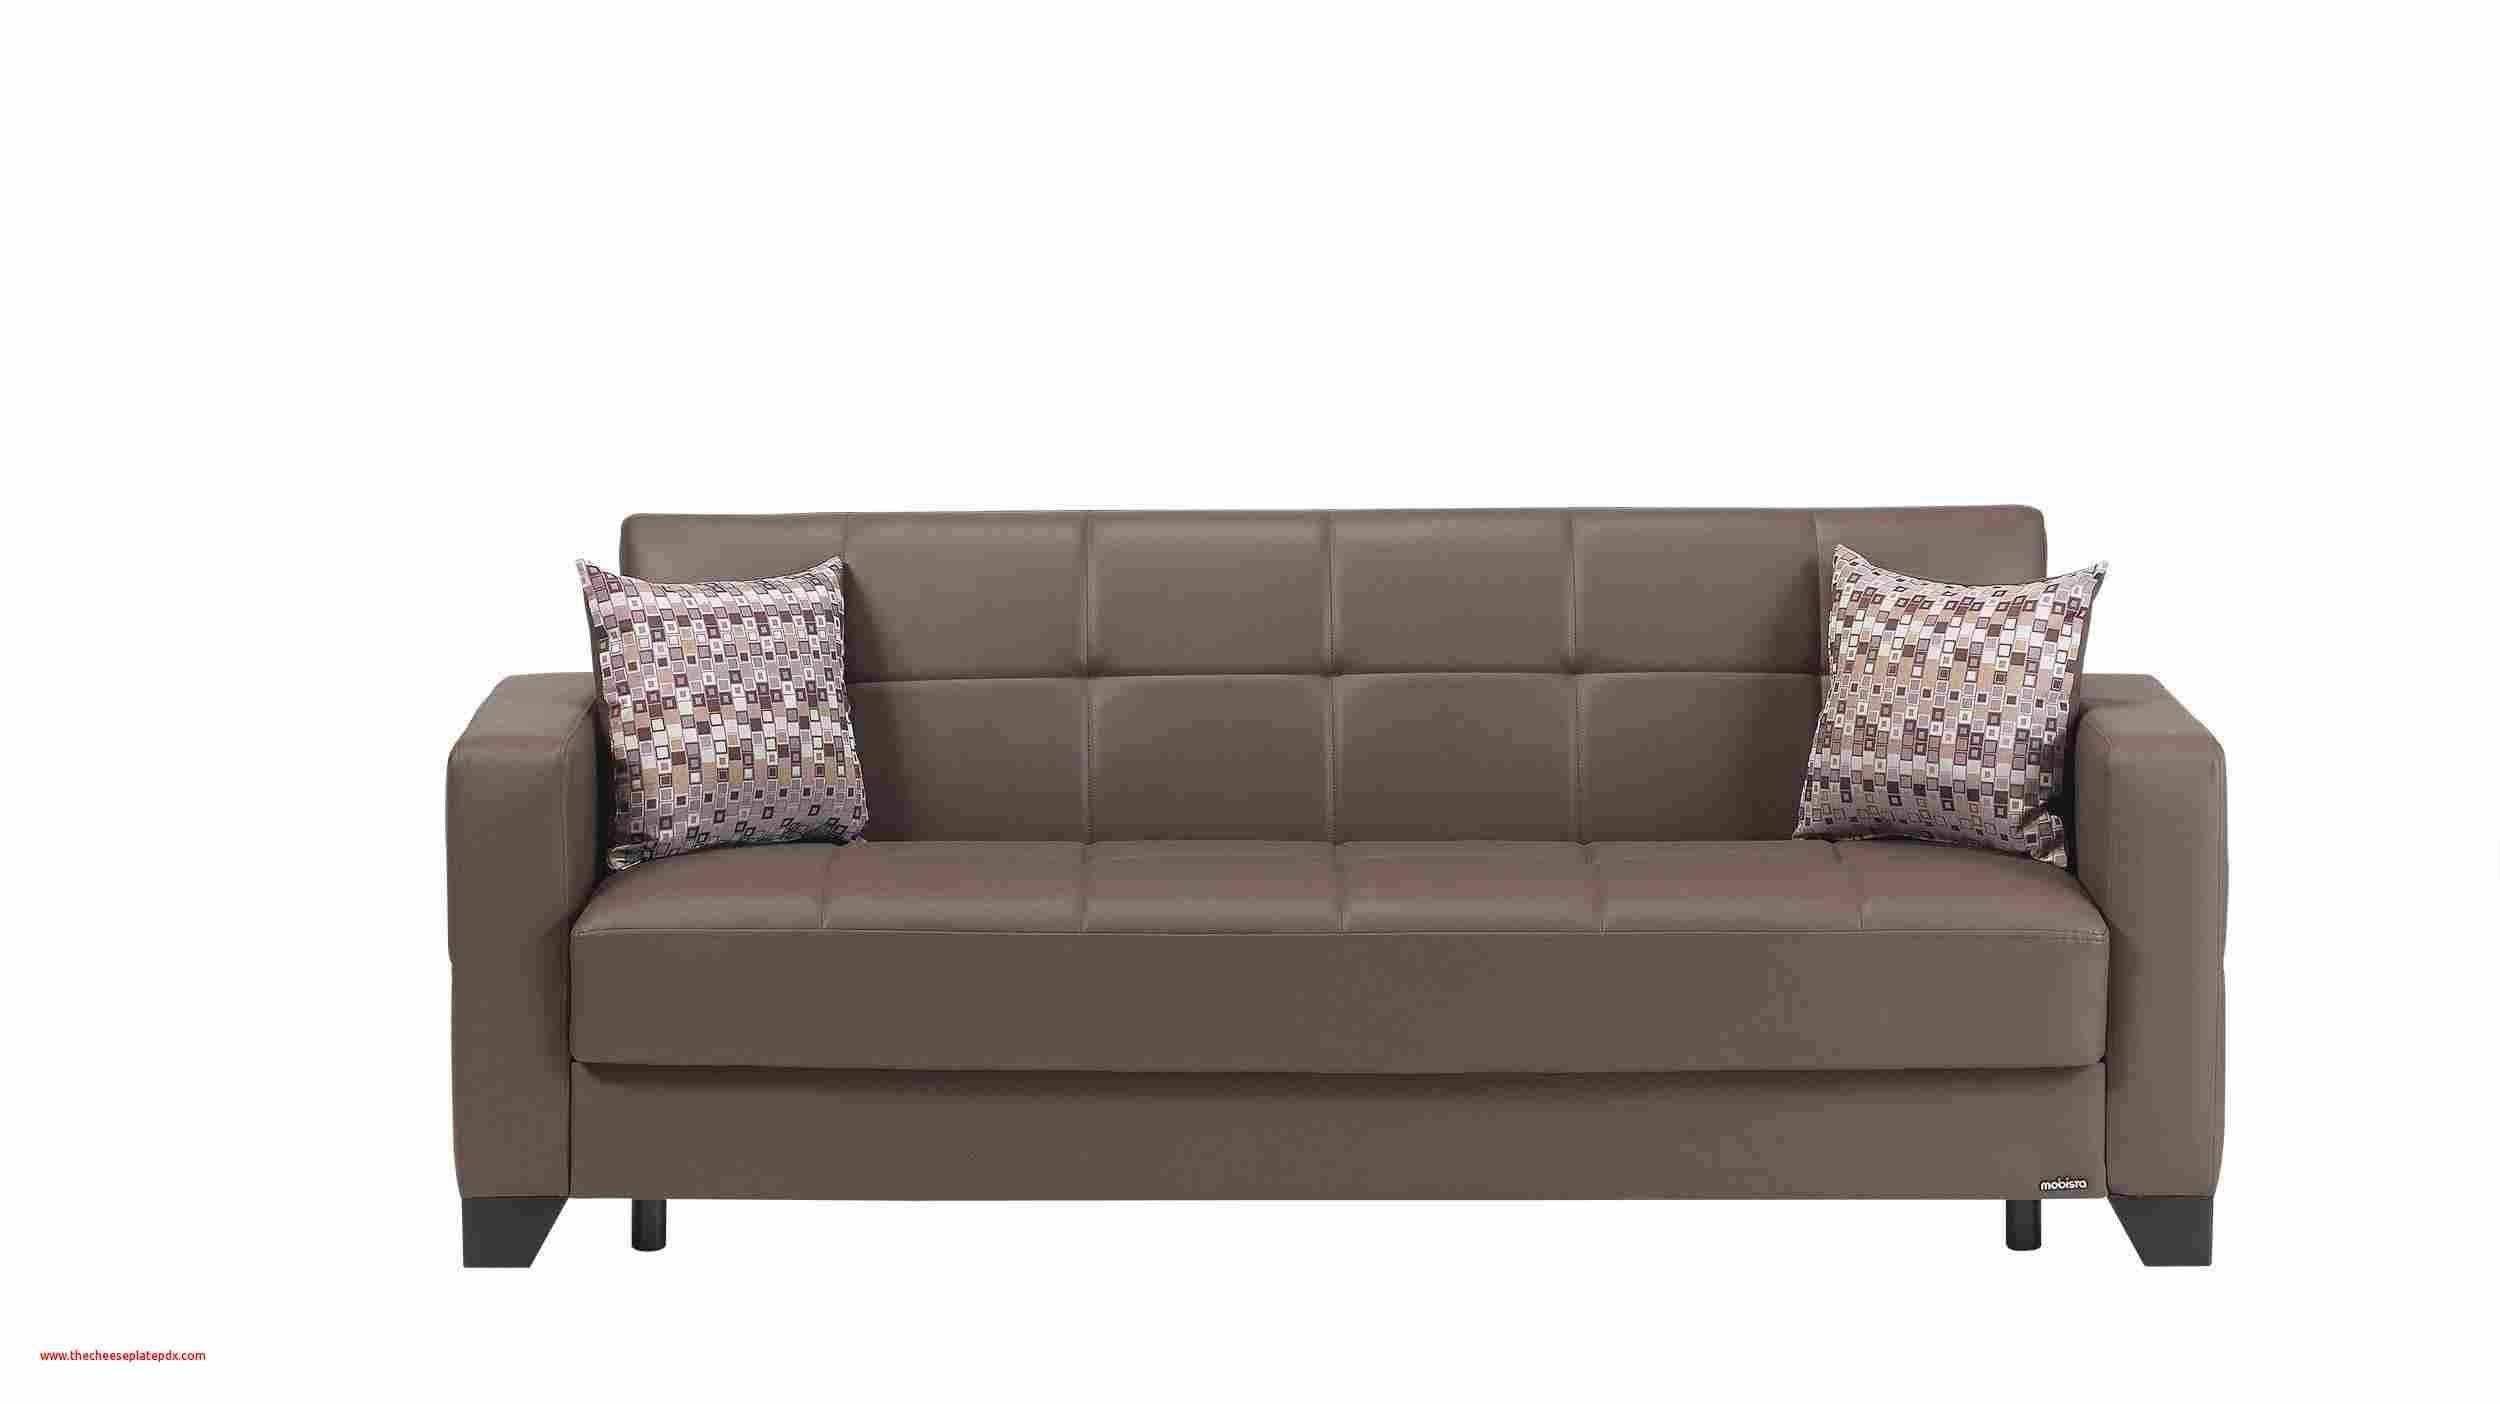 Full Size of Billig Sofa Kaufen Schn 37 Luxus Von Gnstig Planen Wk Big Günstig Stoff Mit Elektrischer Sitztiefenverstellung Polyrattan Höffner Chesterfield Grau Xxl Leder Sofa Sofa Billig